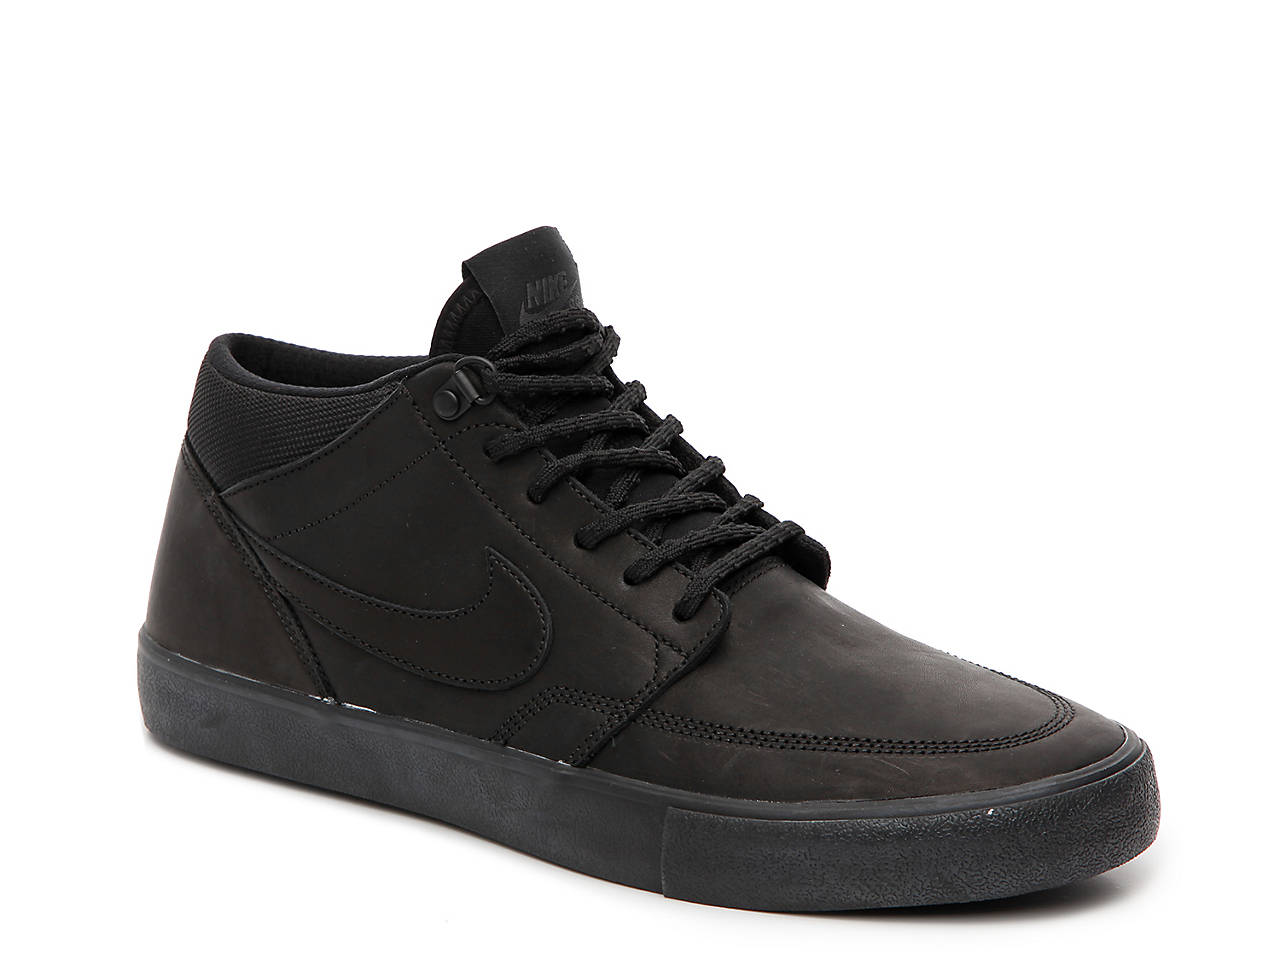 nike sb portmore metà top scarpe uomini scarpe da uomo dsw